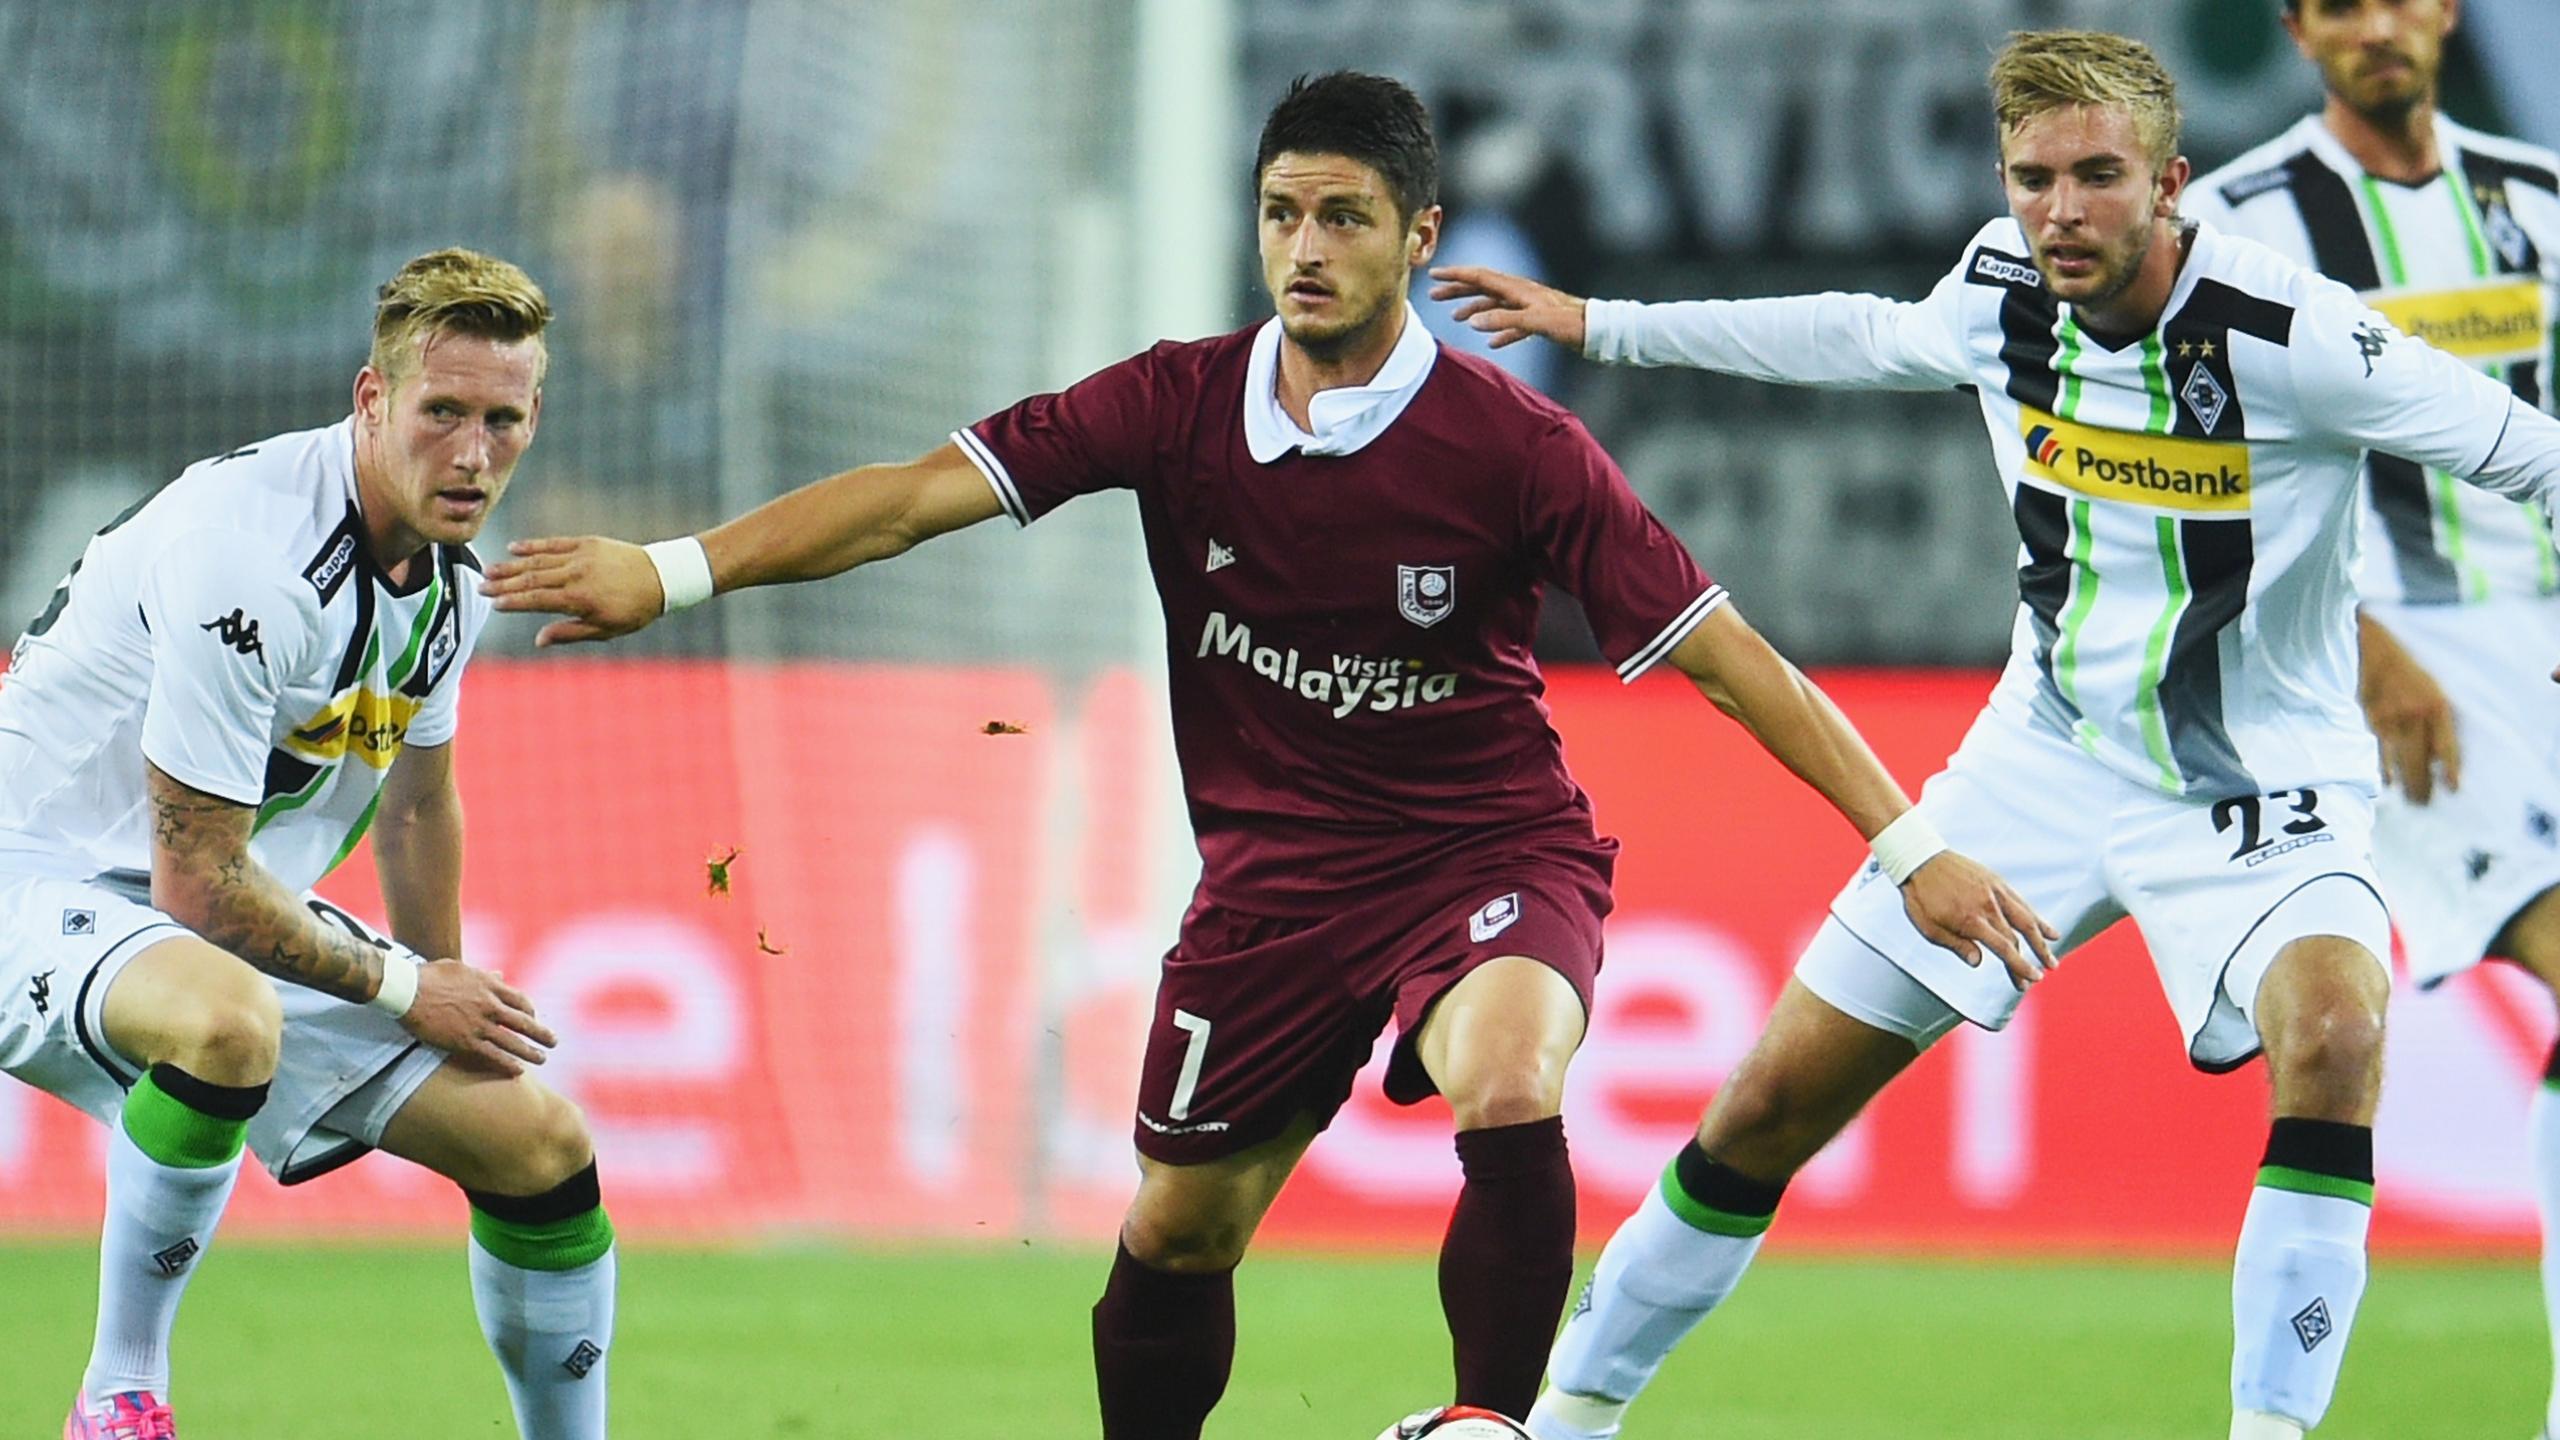 Video: Borussia M gladbach vs Sarajevo